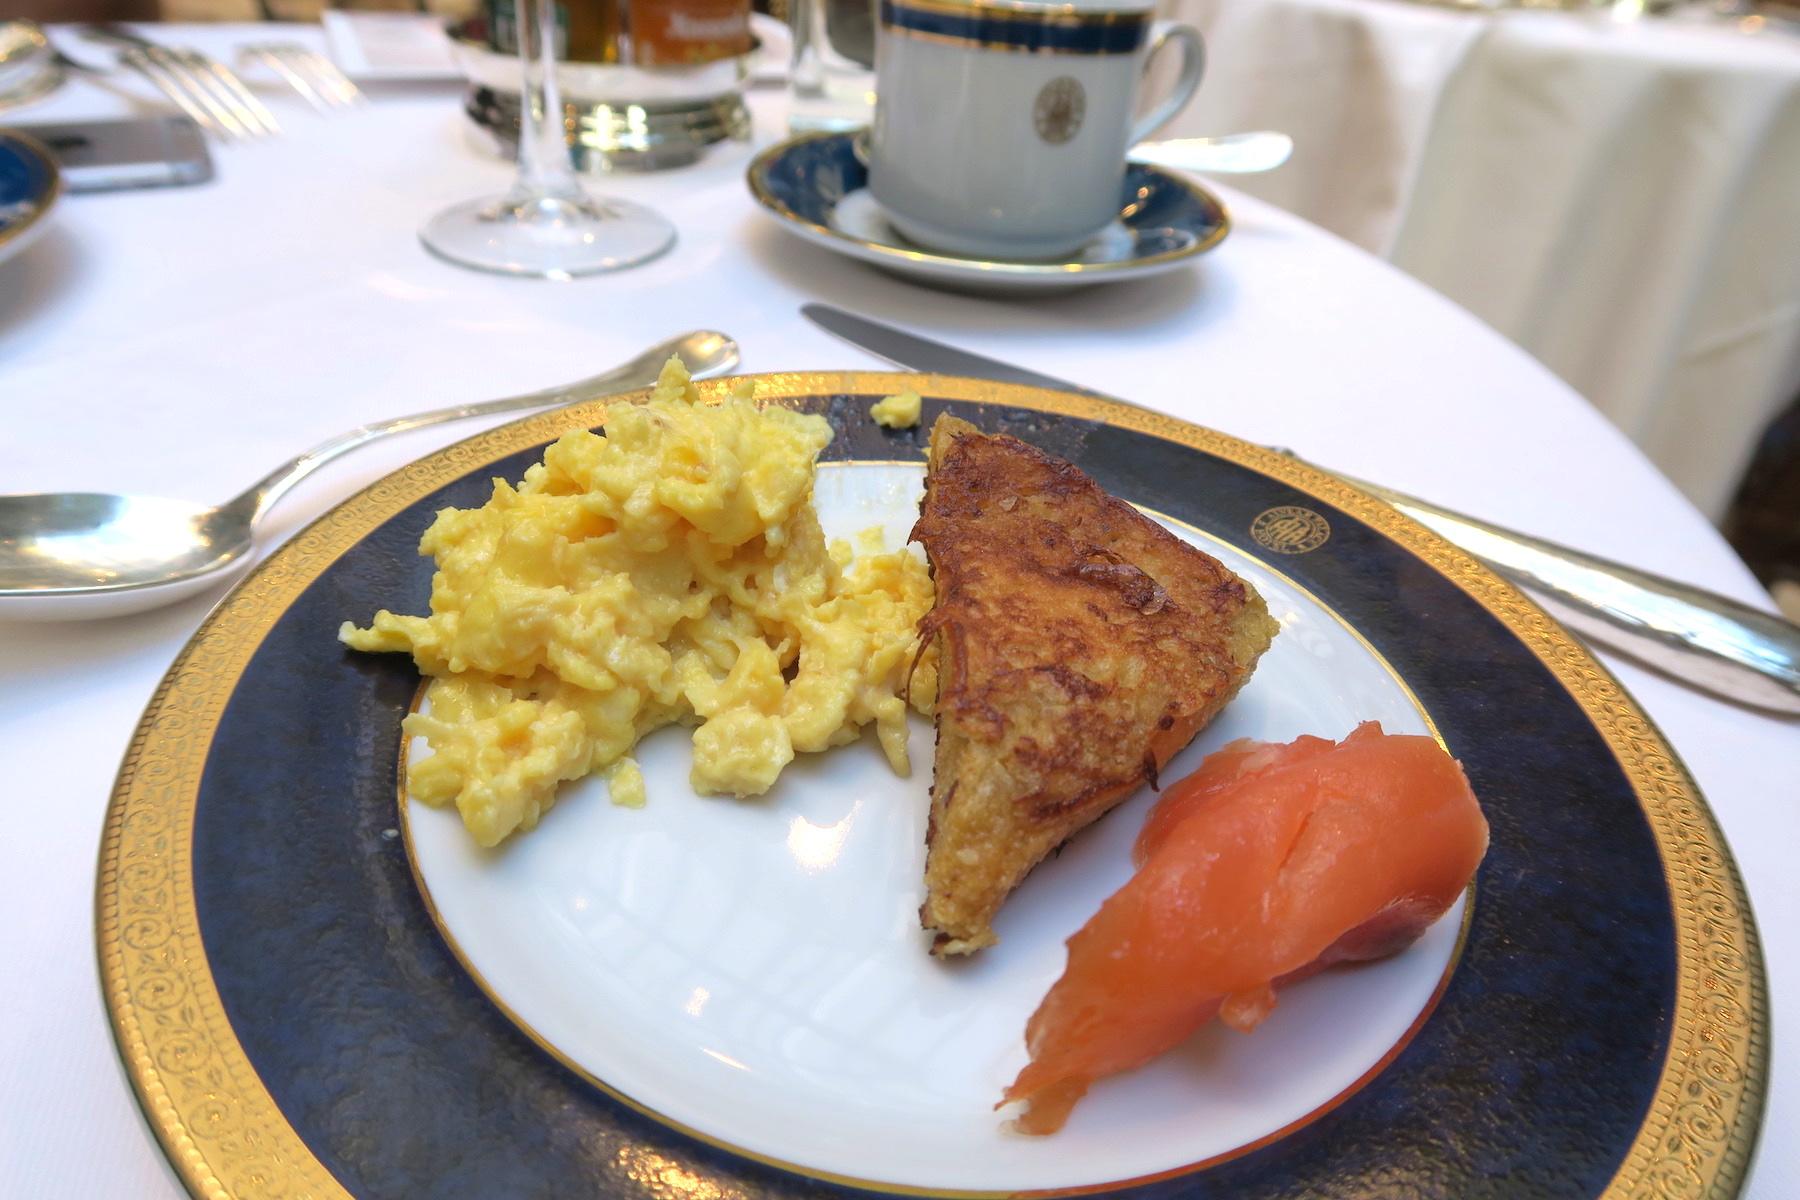 hotel-alvear-buenos-aires-blog-beta-pinheiro-cafe-da-manha